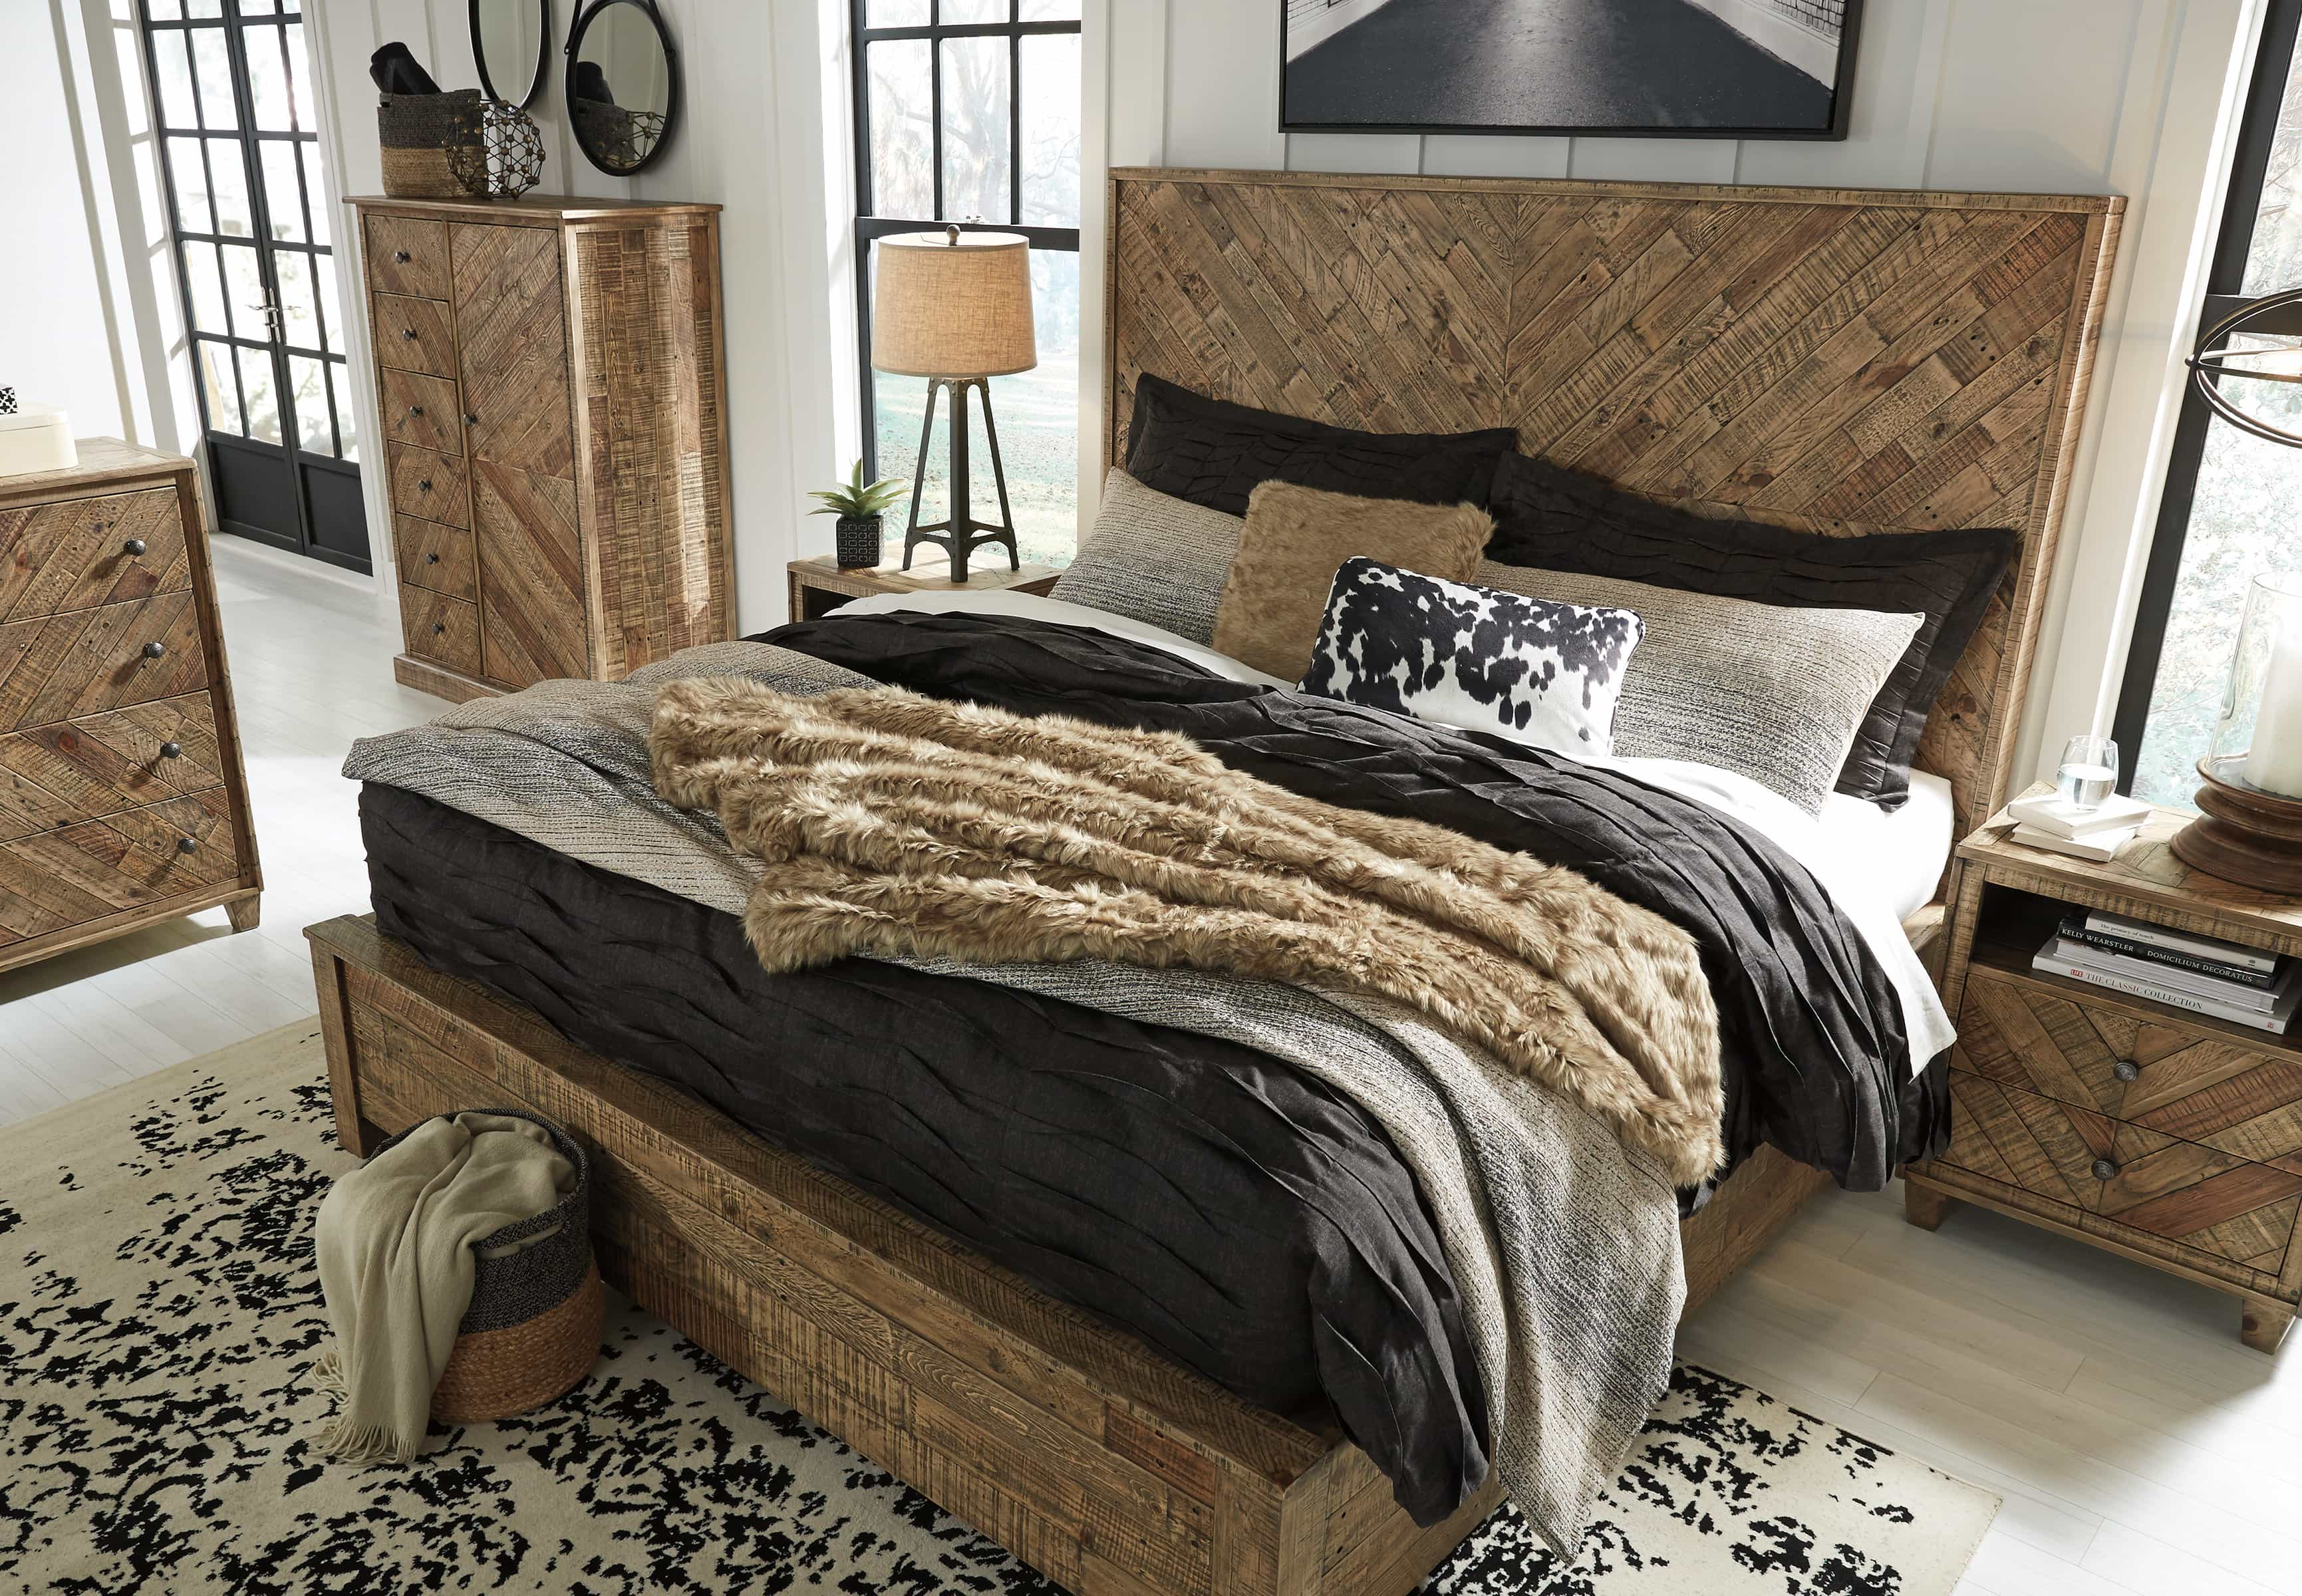 Farmhouse Style: Where to Buy Modern Farmhouse Furniture